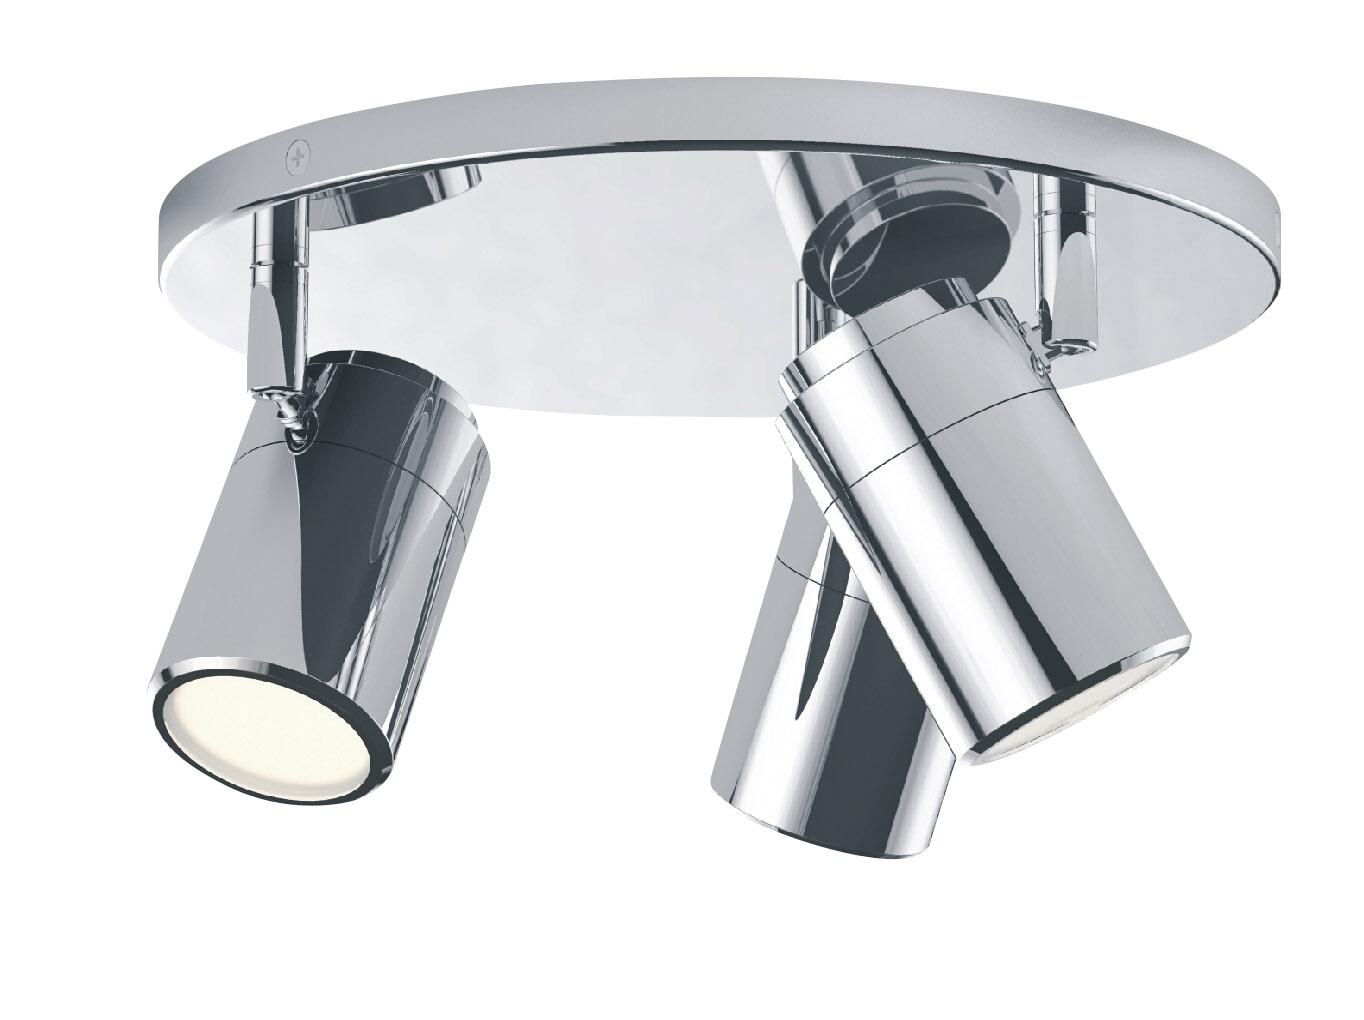 Modern Led Bathroom Ceiling Light Chrome Finish Ip44 Rated: Triple Spot Bathroom Ceiling Light